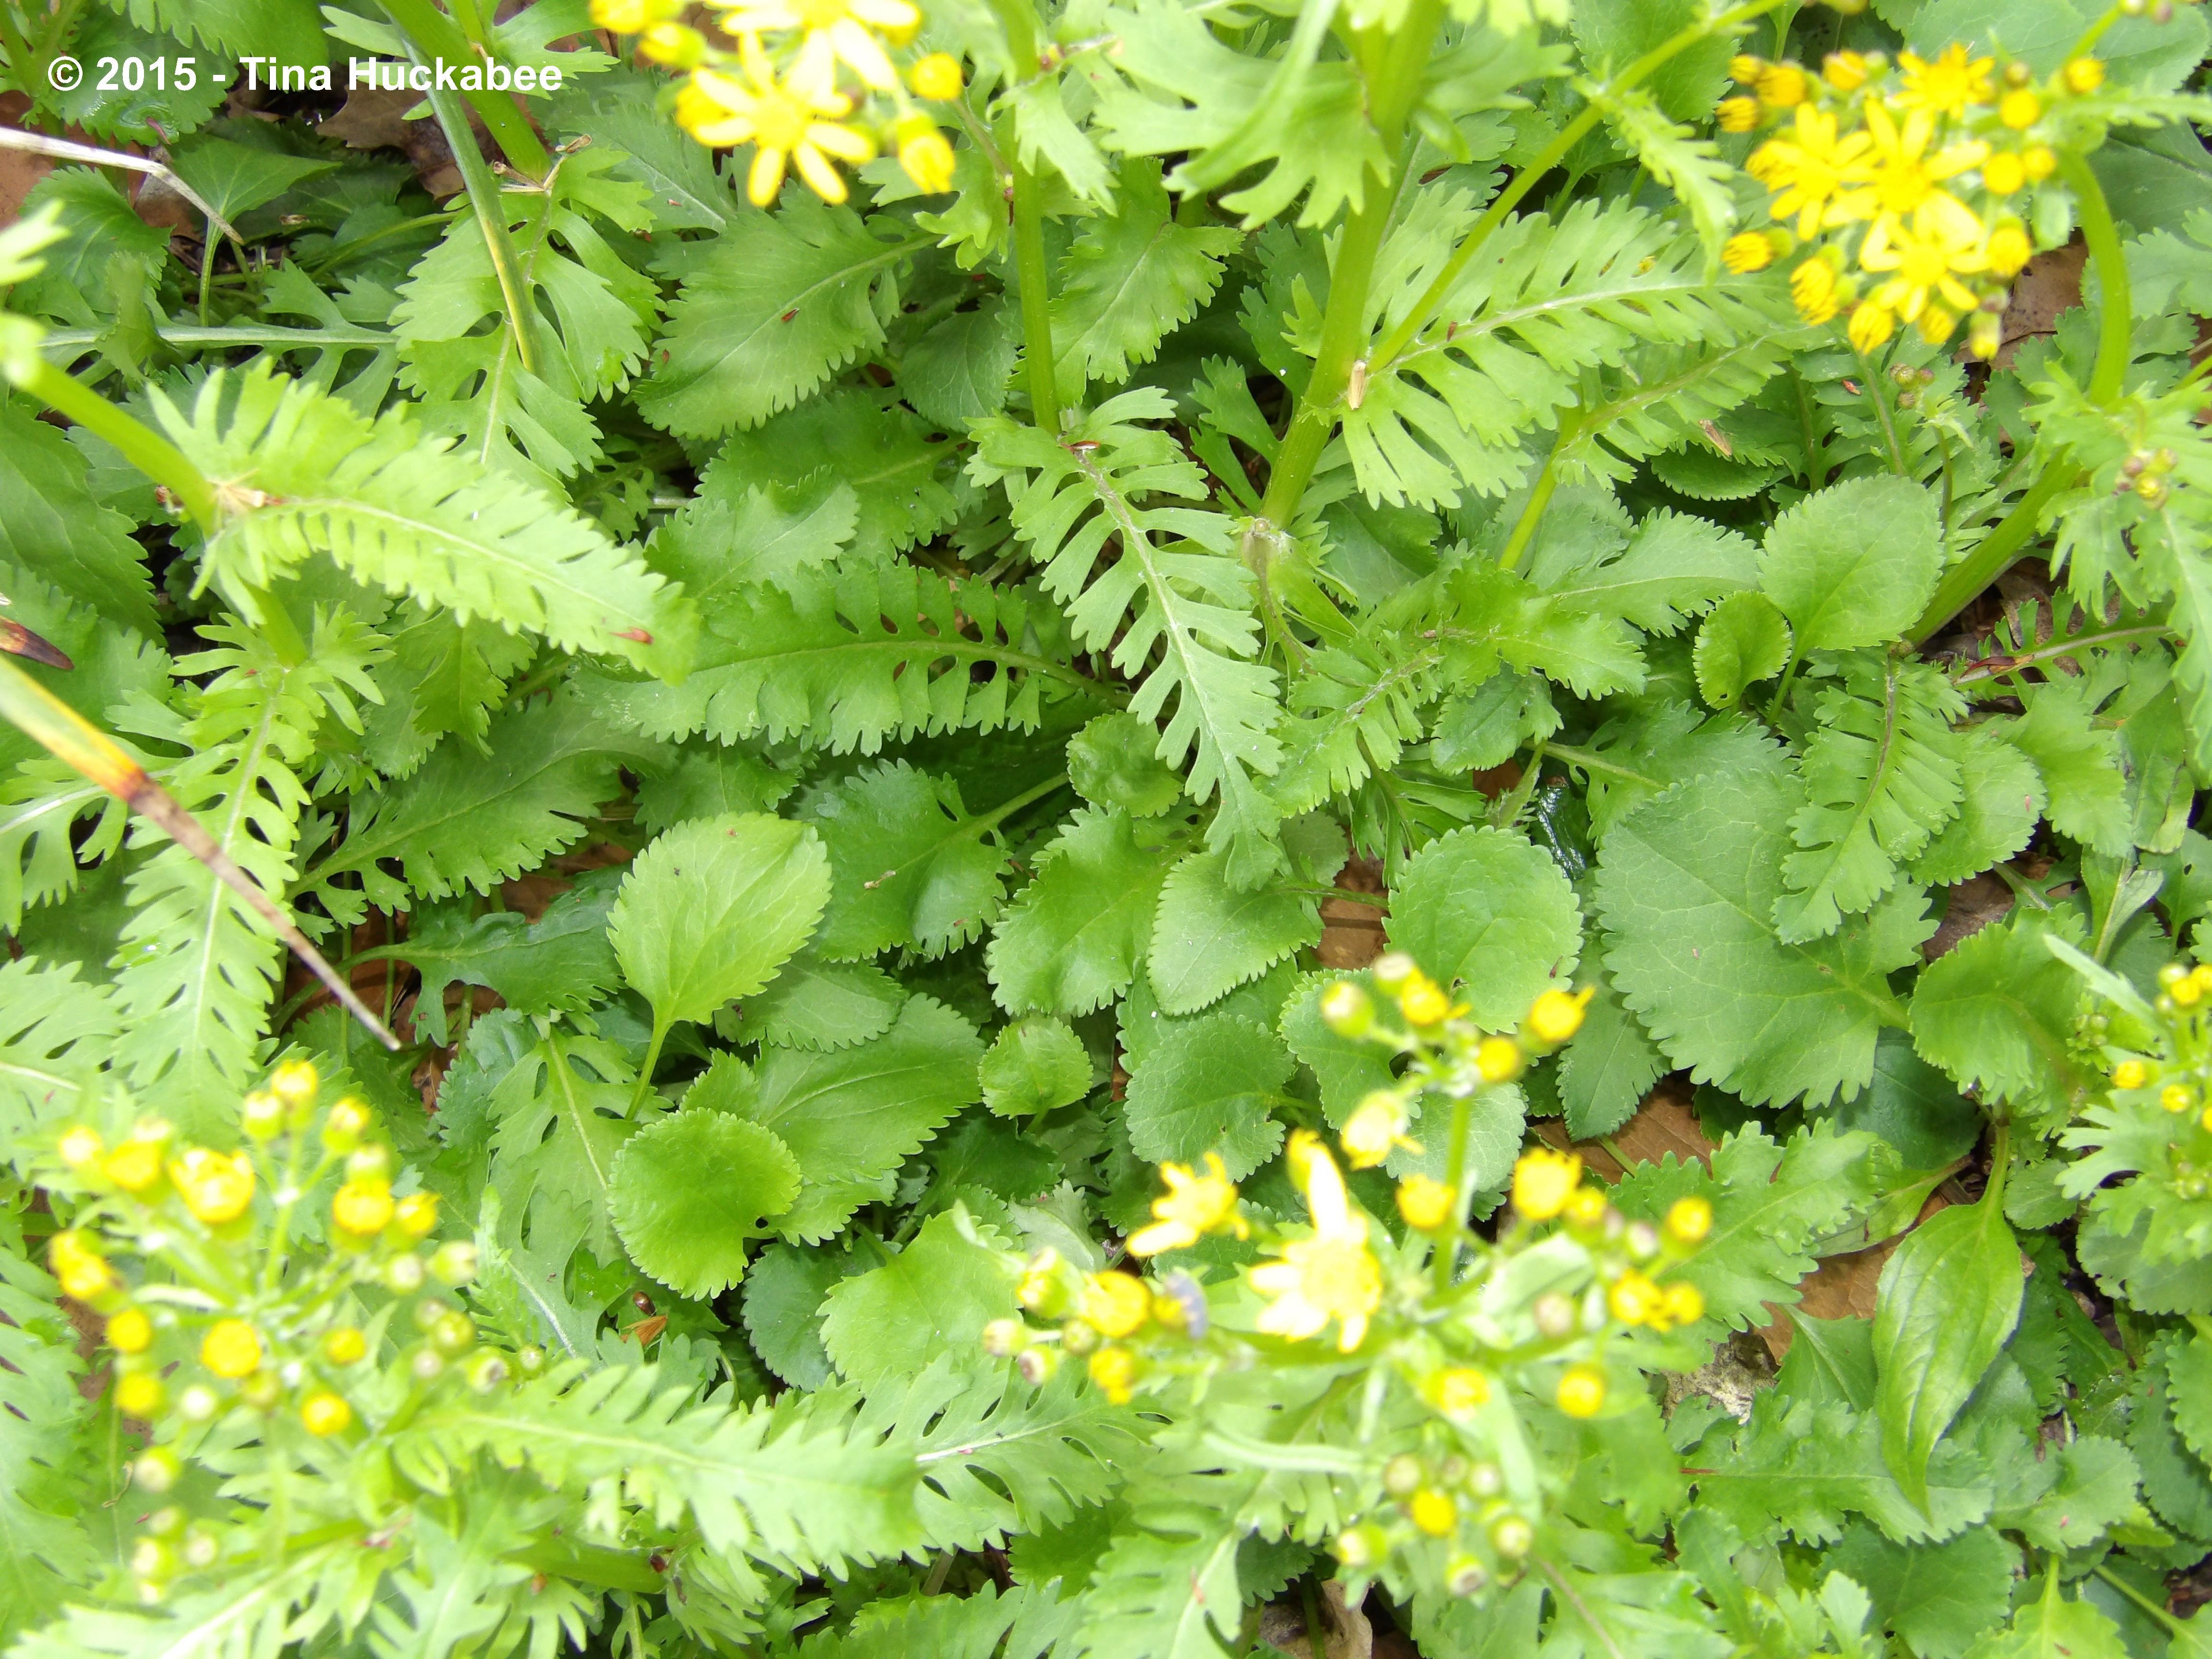 Martha gonzales rose my gardener says imgp6222w mightylinksfo